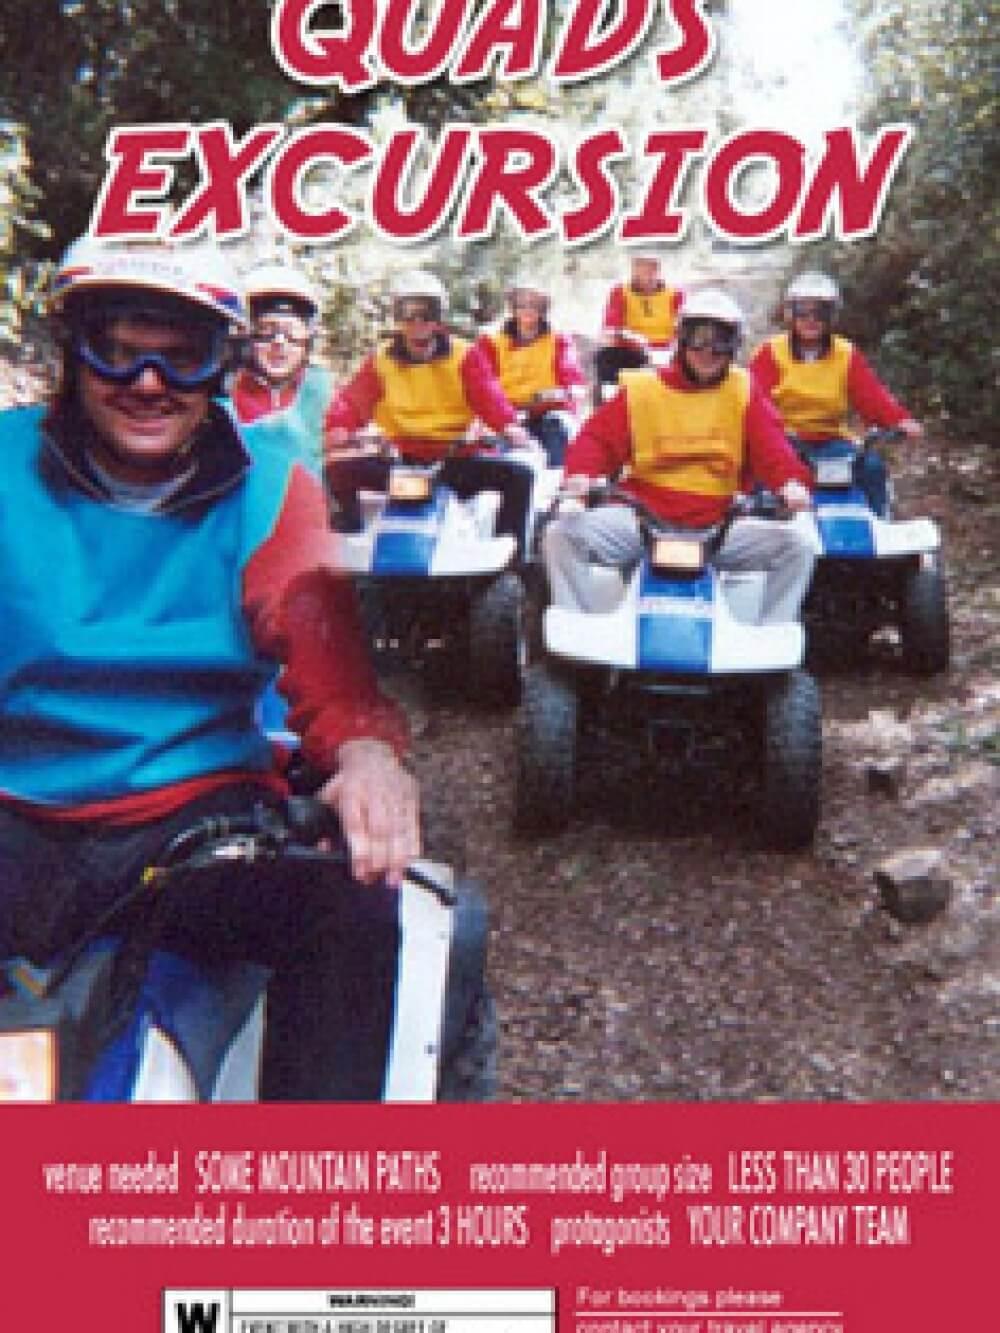 quads_excursion_vertical_web